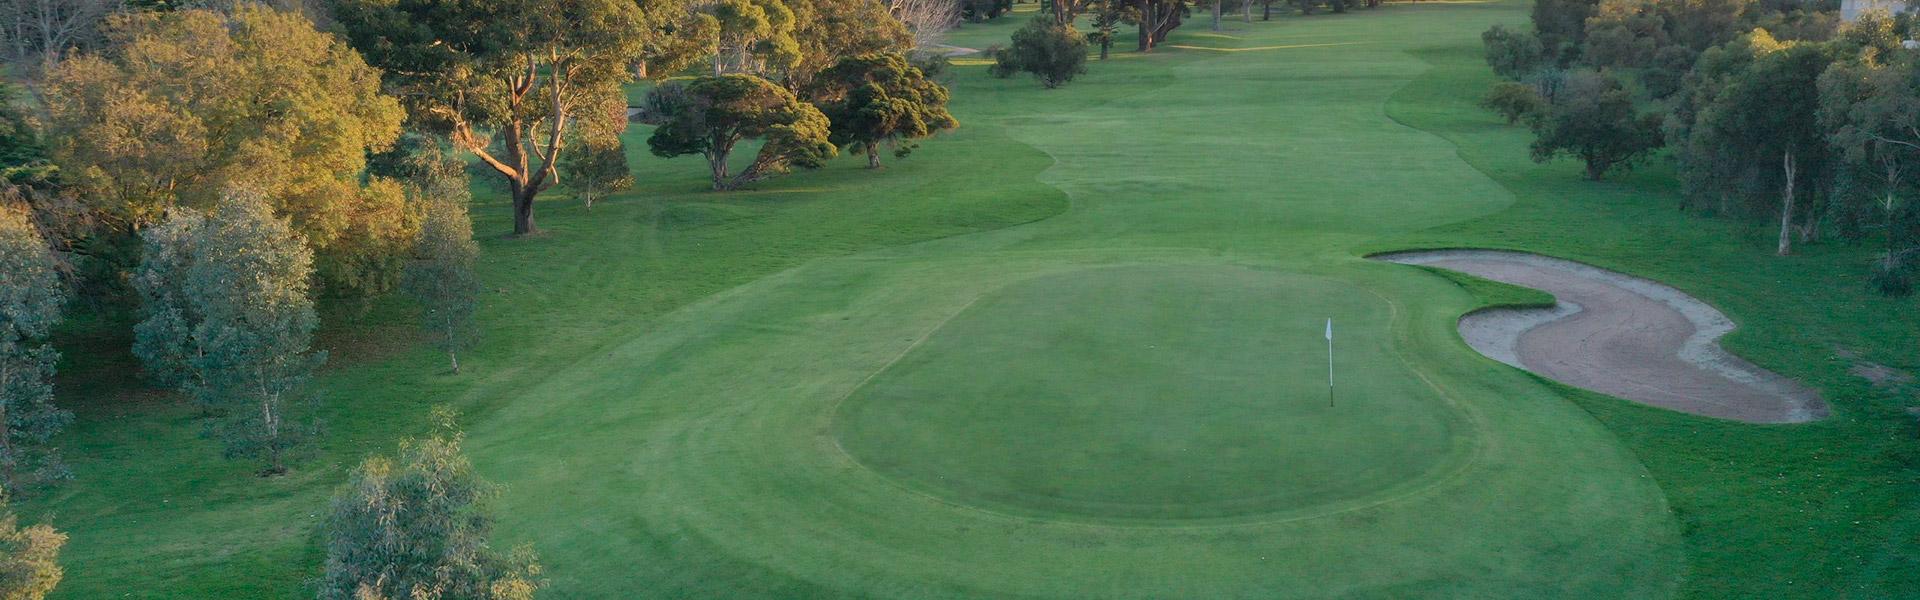 Hole 4 - Rossdale Golf Club